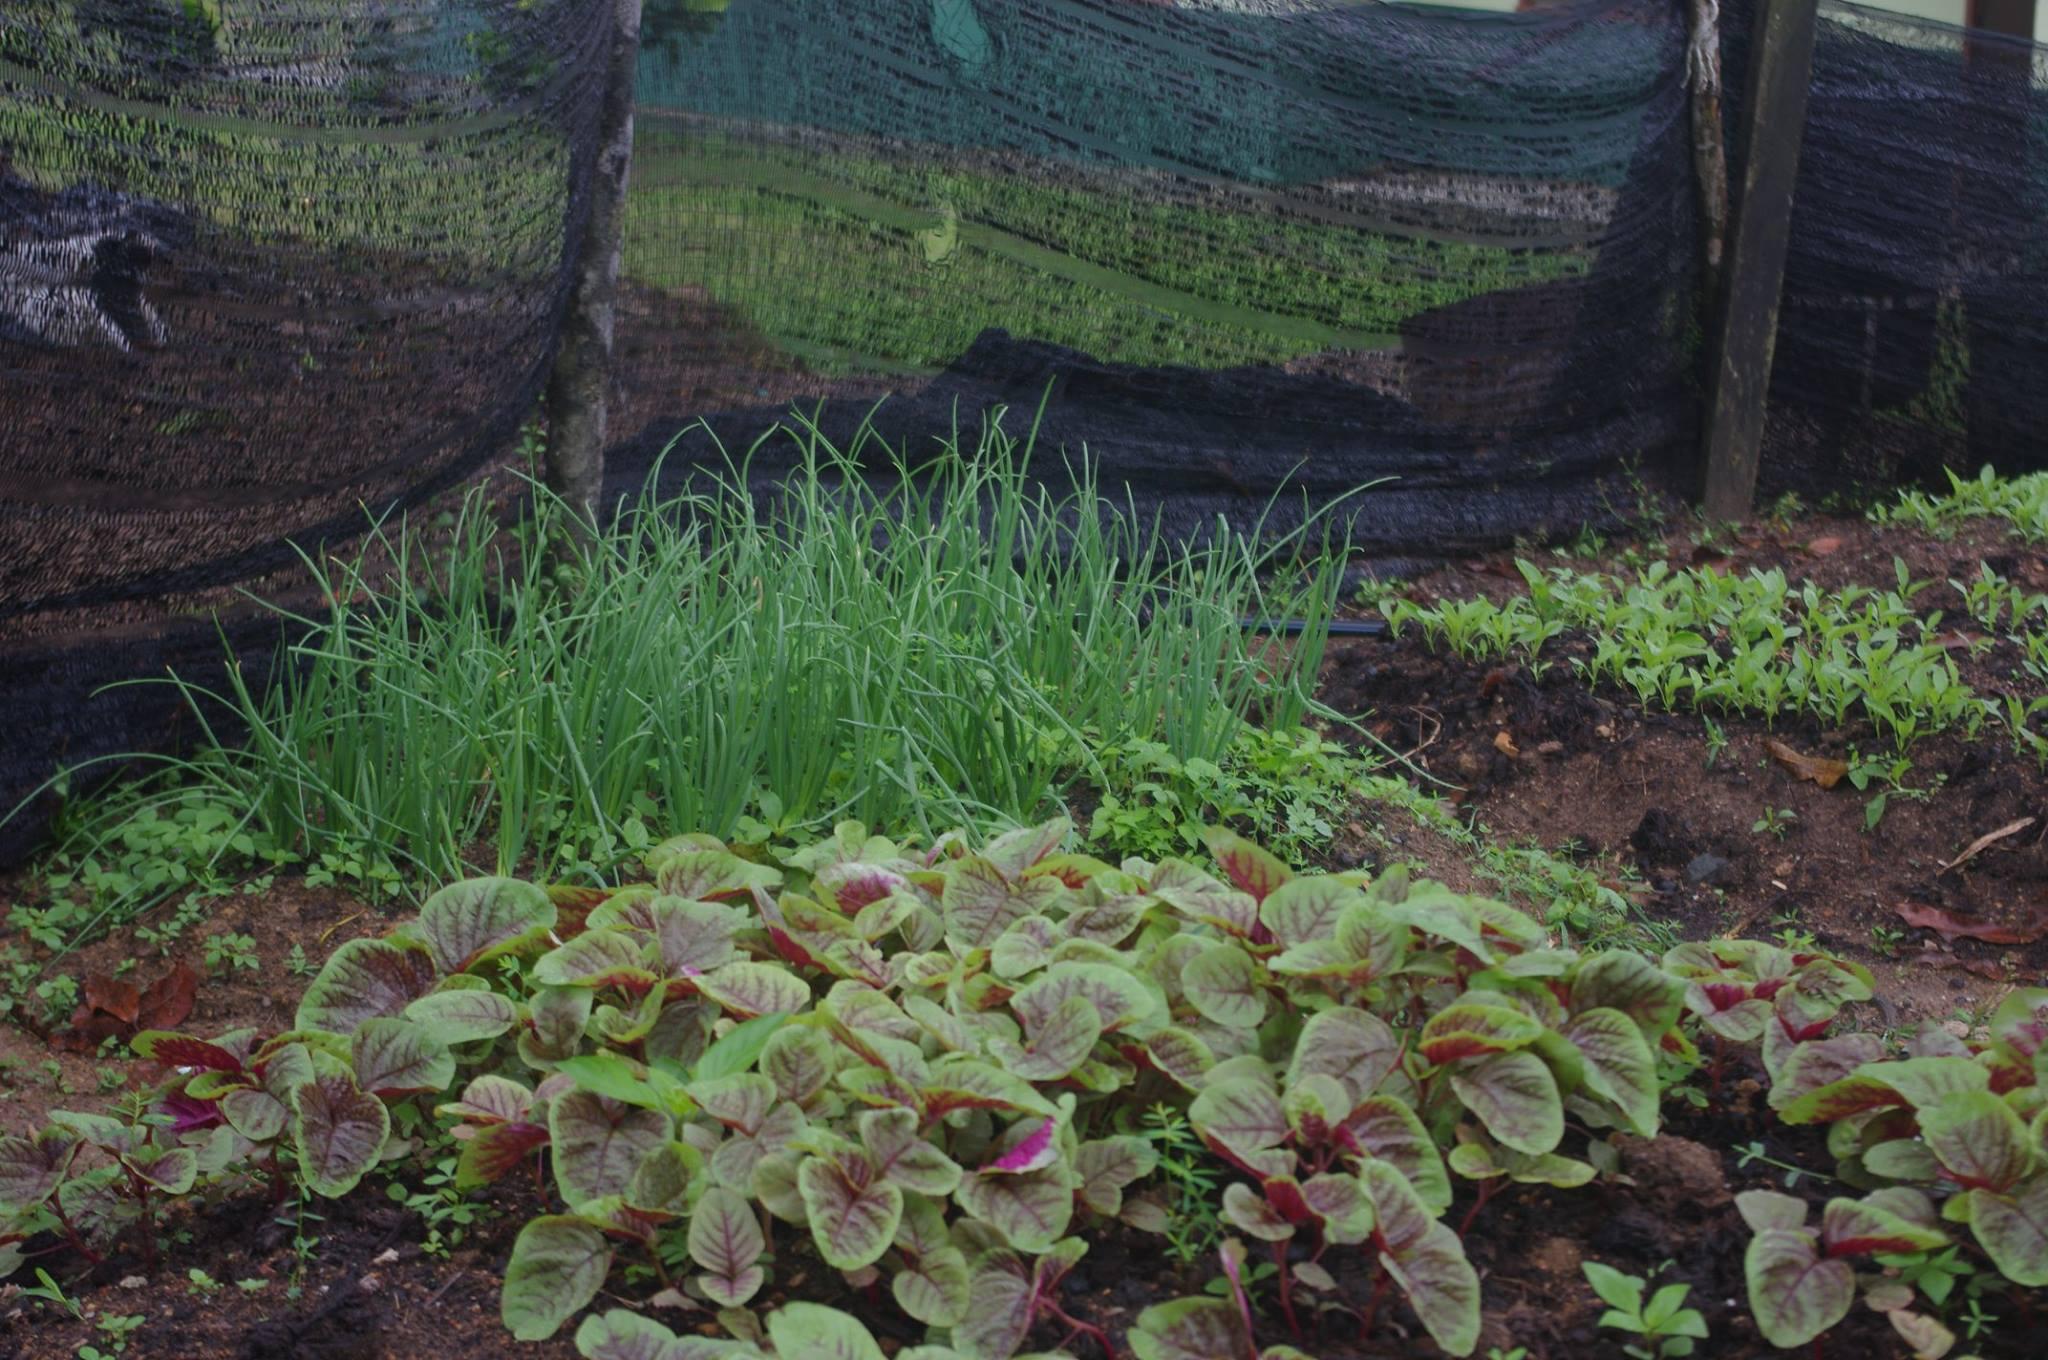 Tanam Bawang Merah Rose, Campuran Pasir Kena Ada Elak Benih Membusuk